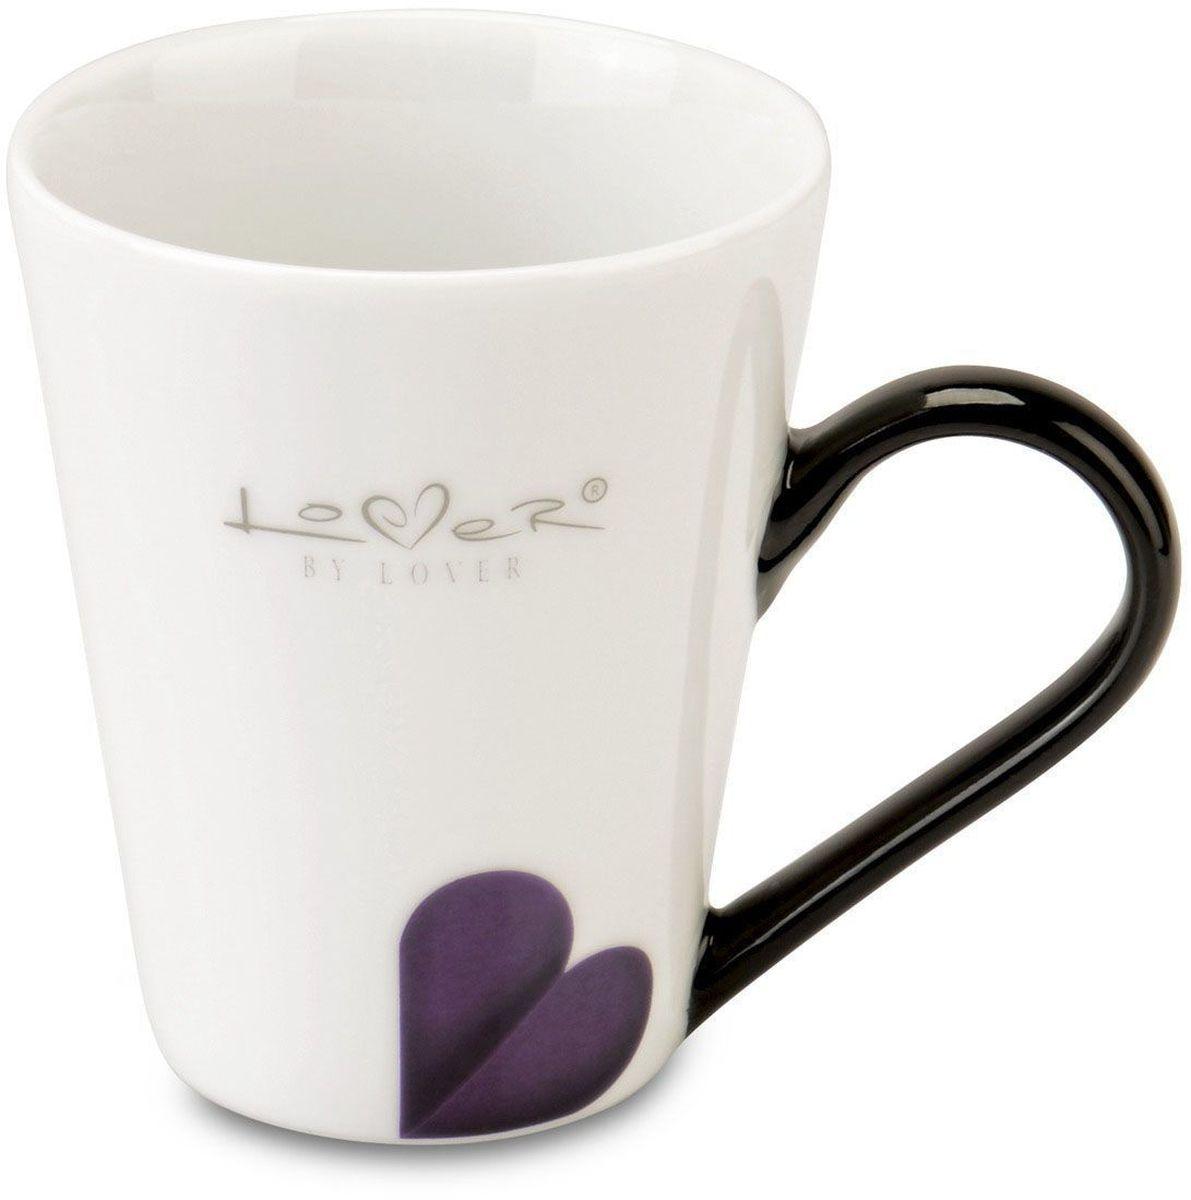 Набор кружек BergHOFF Lover by Lover, 250 мл, 2 шт115510Набор BergHOFF Lover by Lover состоит из двух кружек с ручками, выполненных из высококачественного фарфора. Изделия можно мыть в посудомоечной машине.Подходят для использования в микроволновой печи. Диаметр кружки (по верхнему краю): 8 см. Объем кружки: 250 мл.В комплекте: 2 кружки.